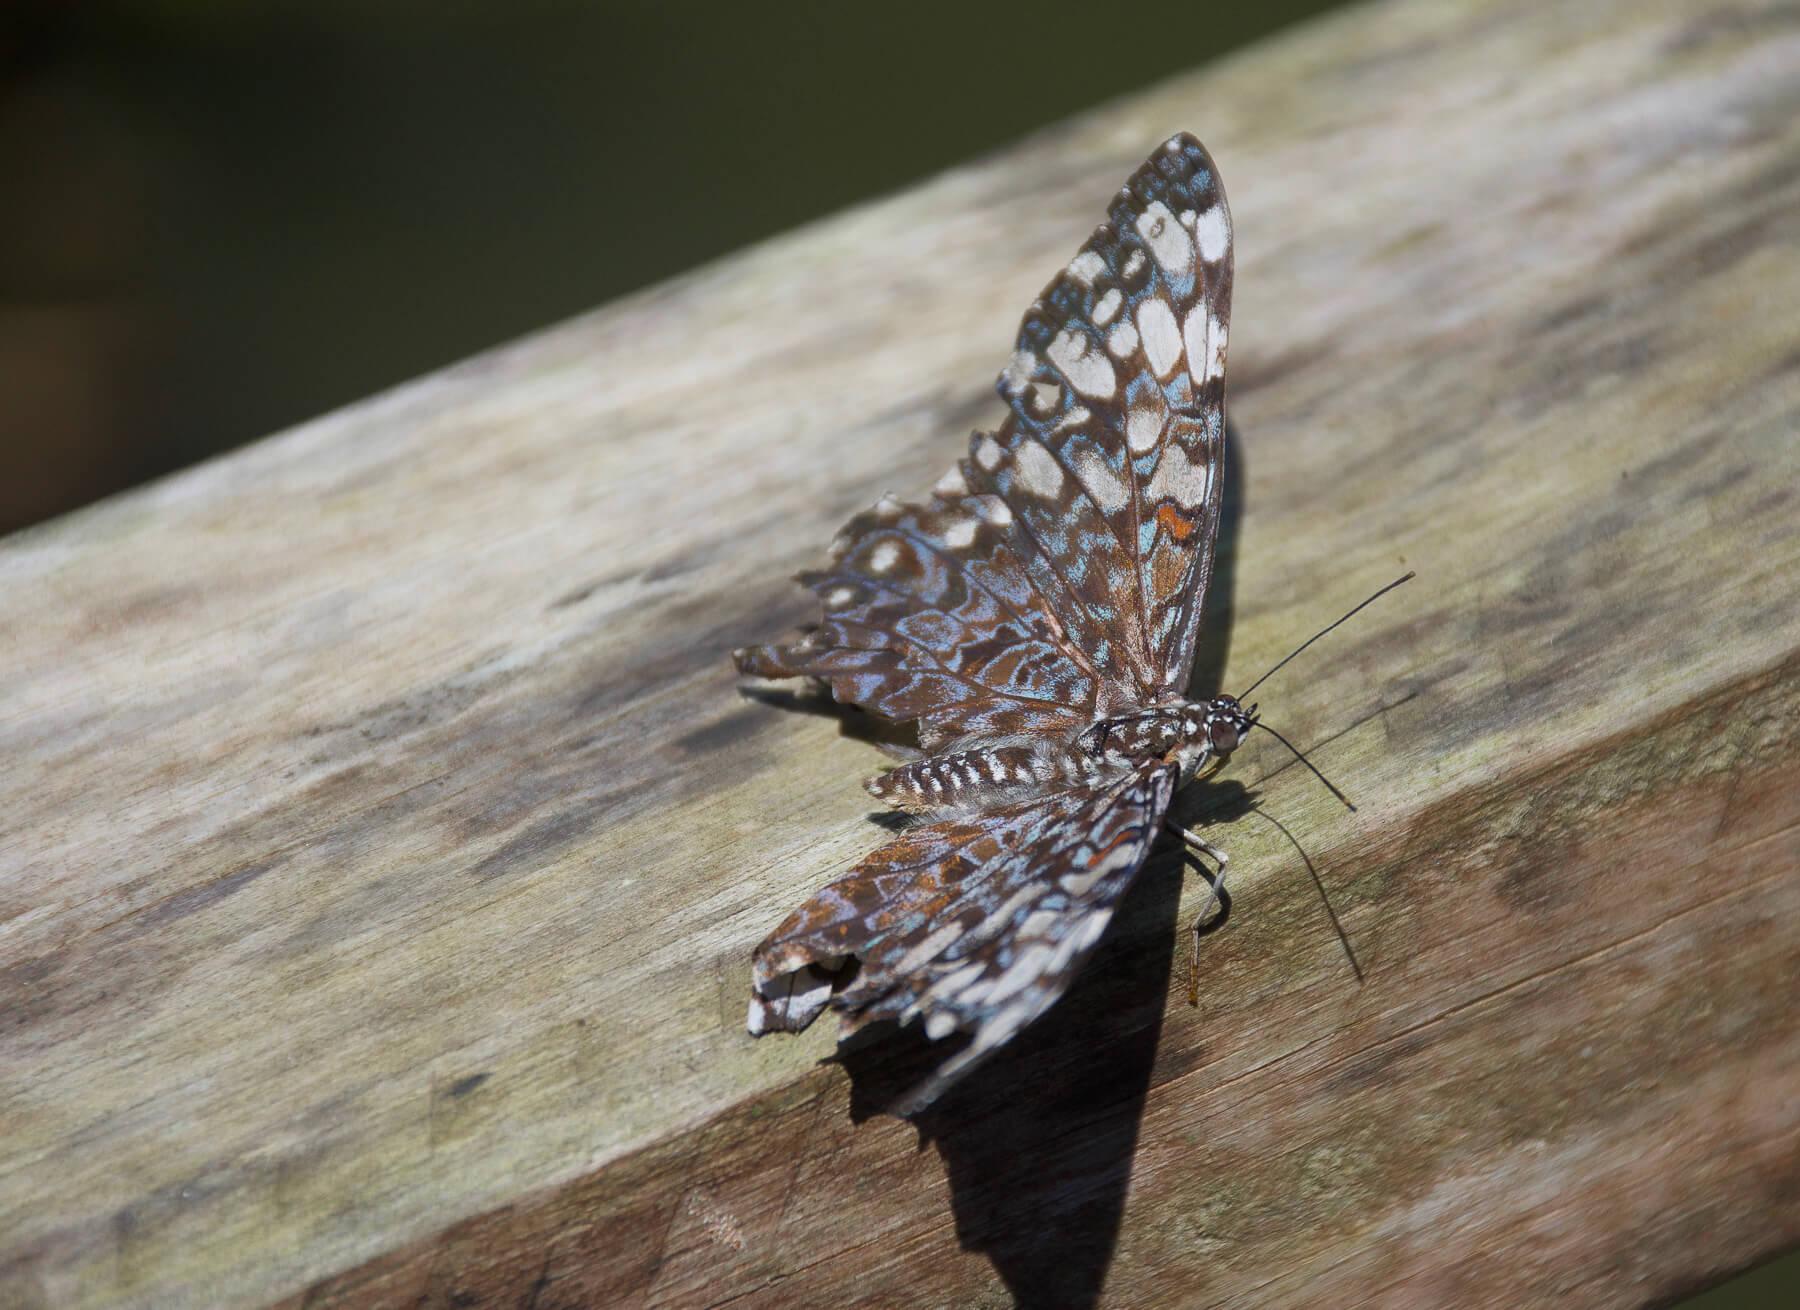 Spotty amazon butterfly resting on a log